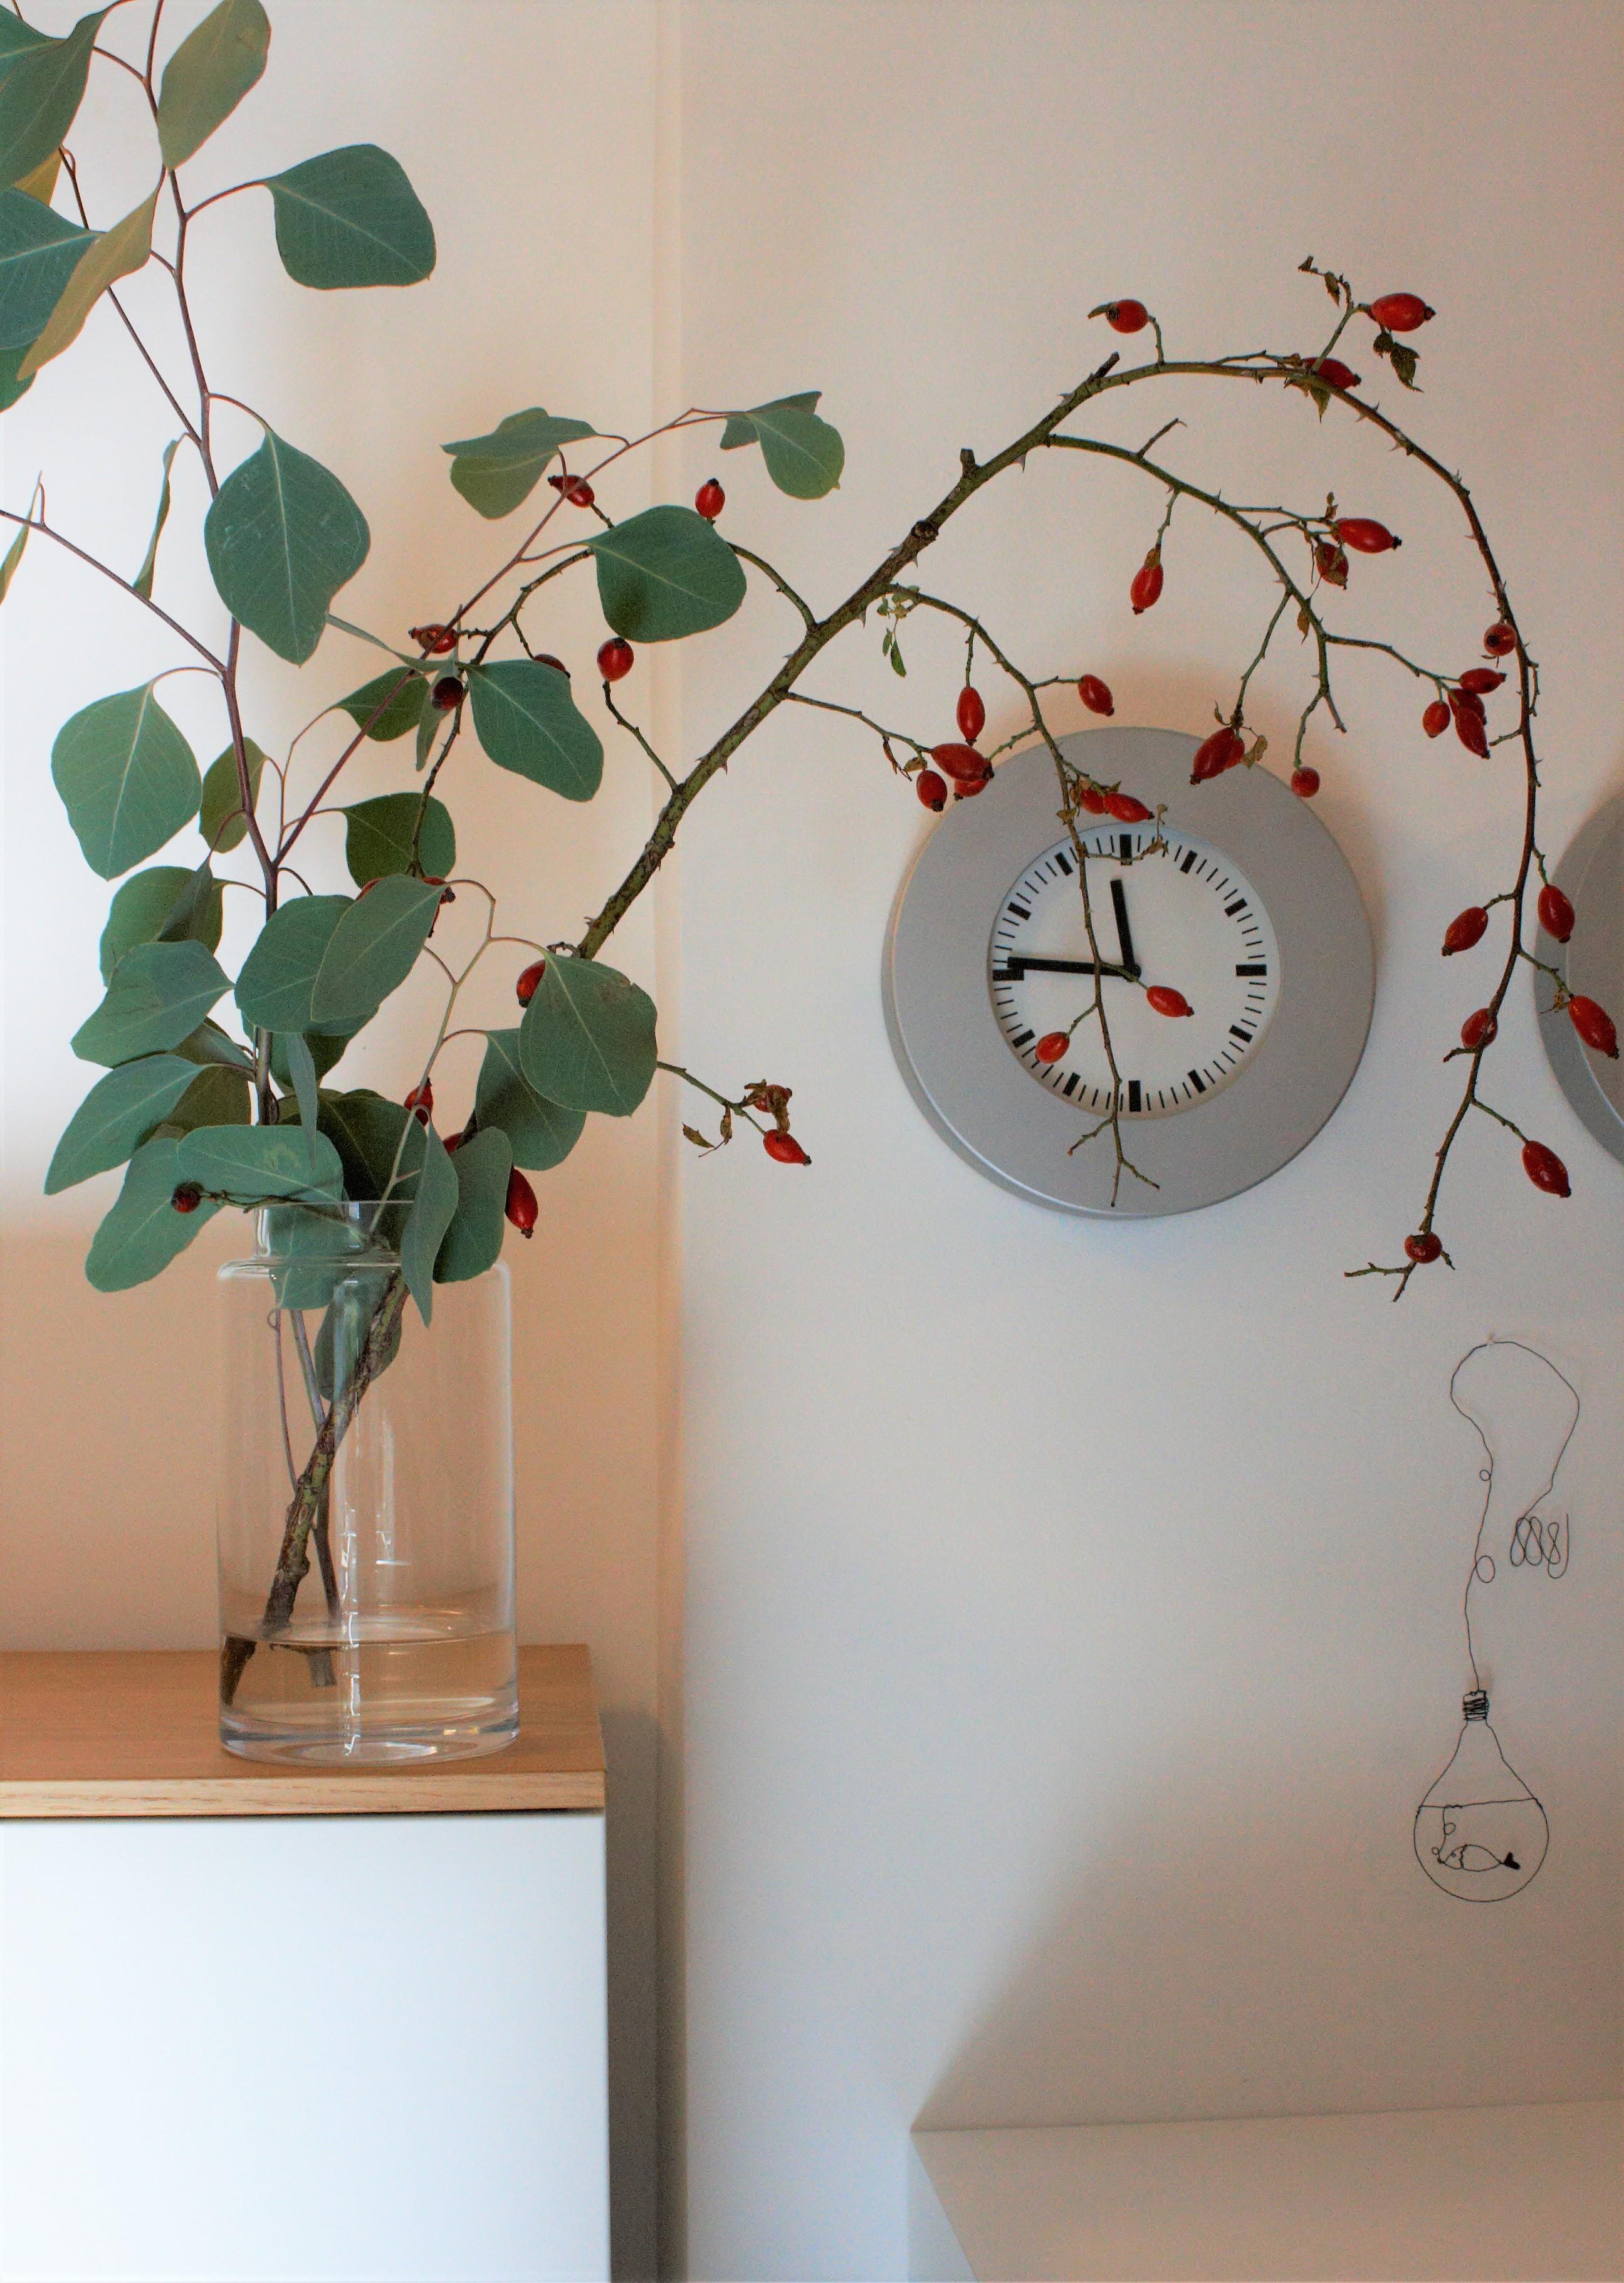 Ich Liebe Den Herbst In Der Vase Hagebutten Eukalyptus Zweige Herbstdeko  Uhr Drahtbild Gluehbirne Fisch 0837fdbb